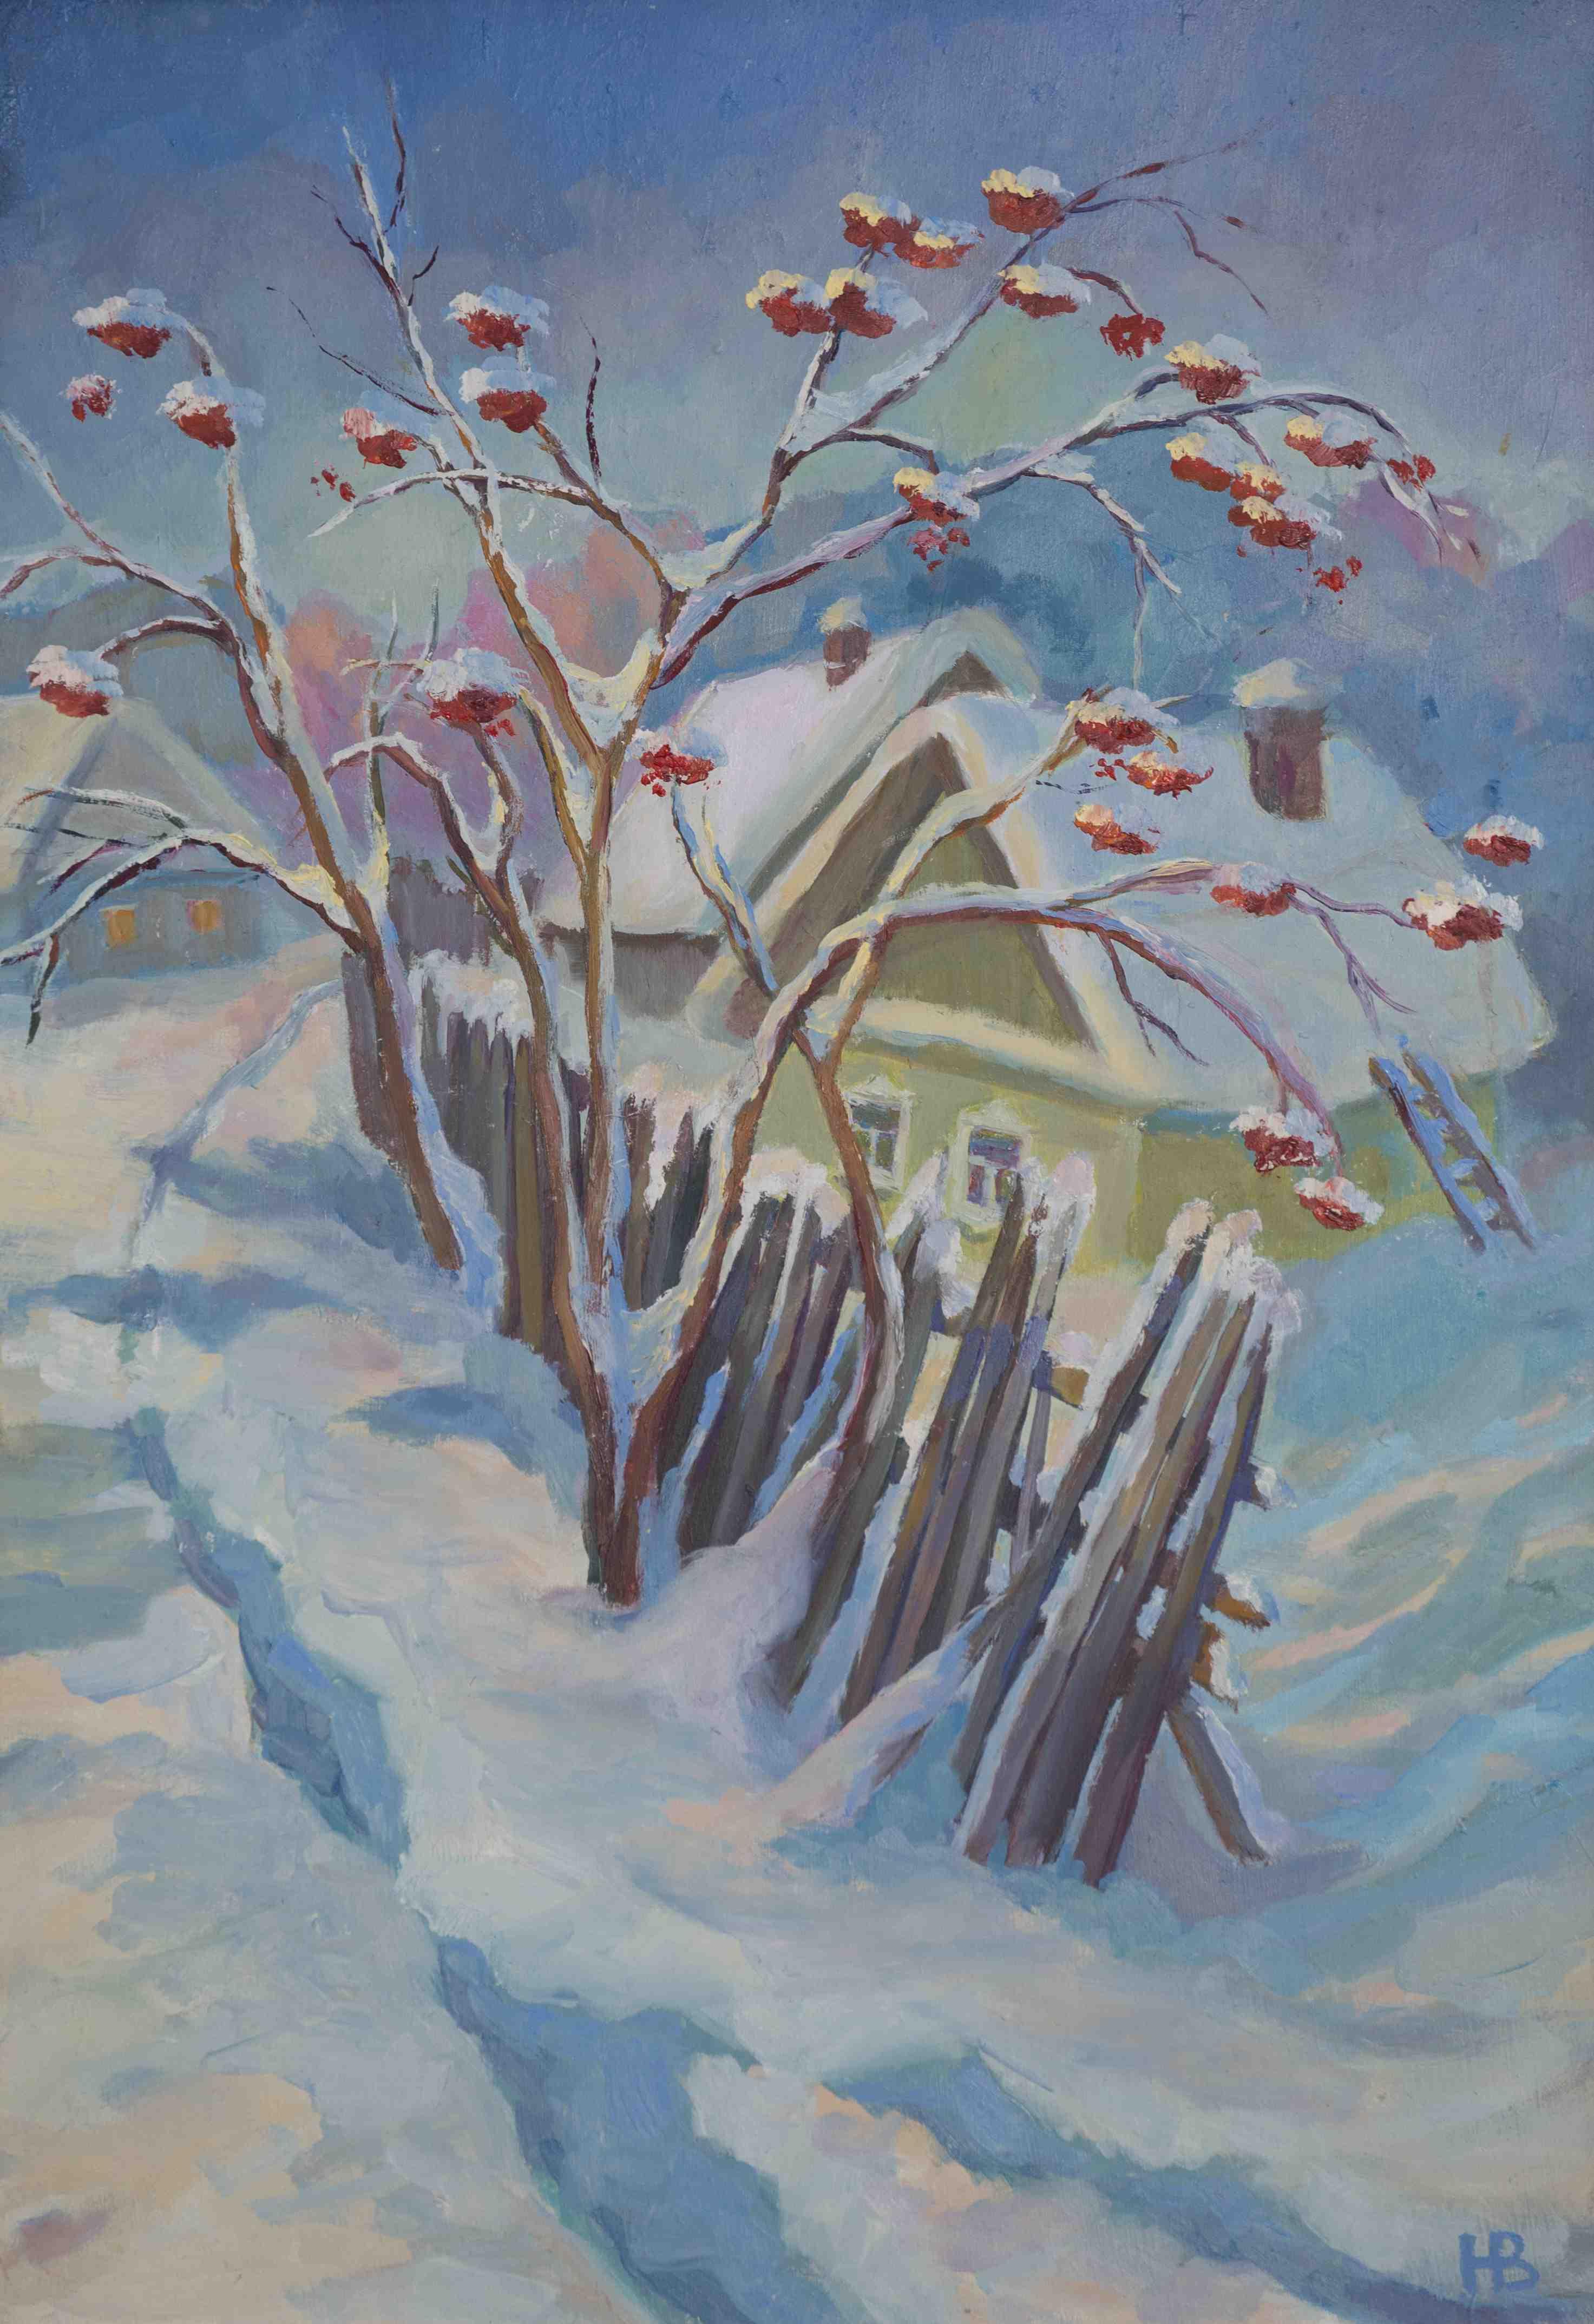 2016. Зимняя рябина. Оргалит, м. 35х50